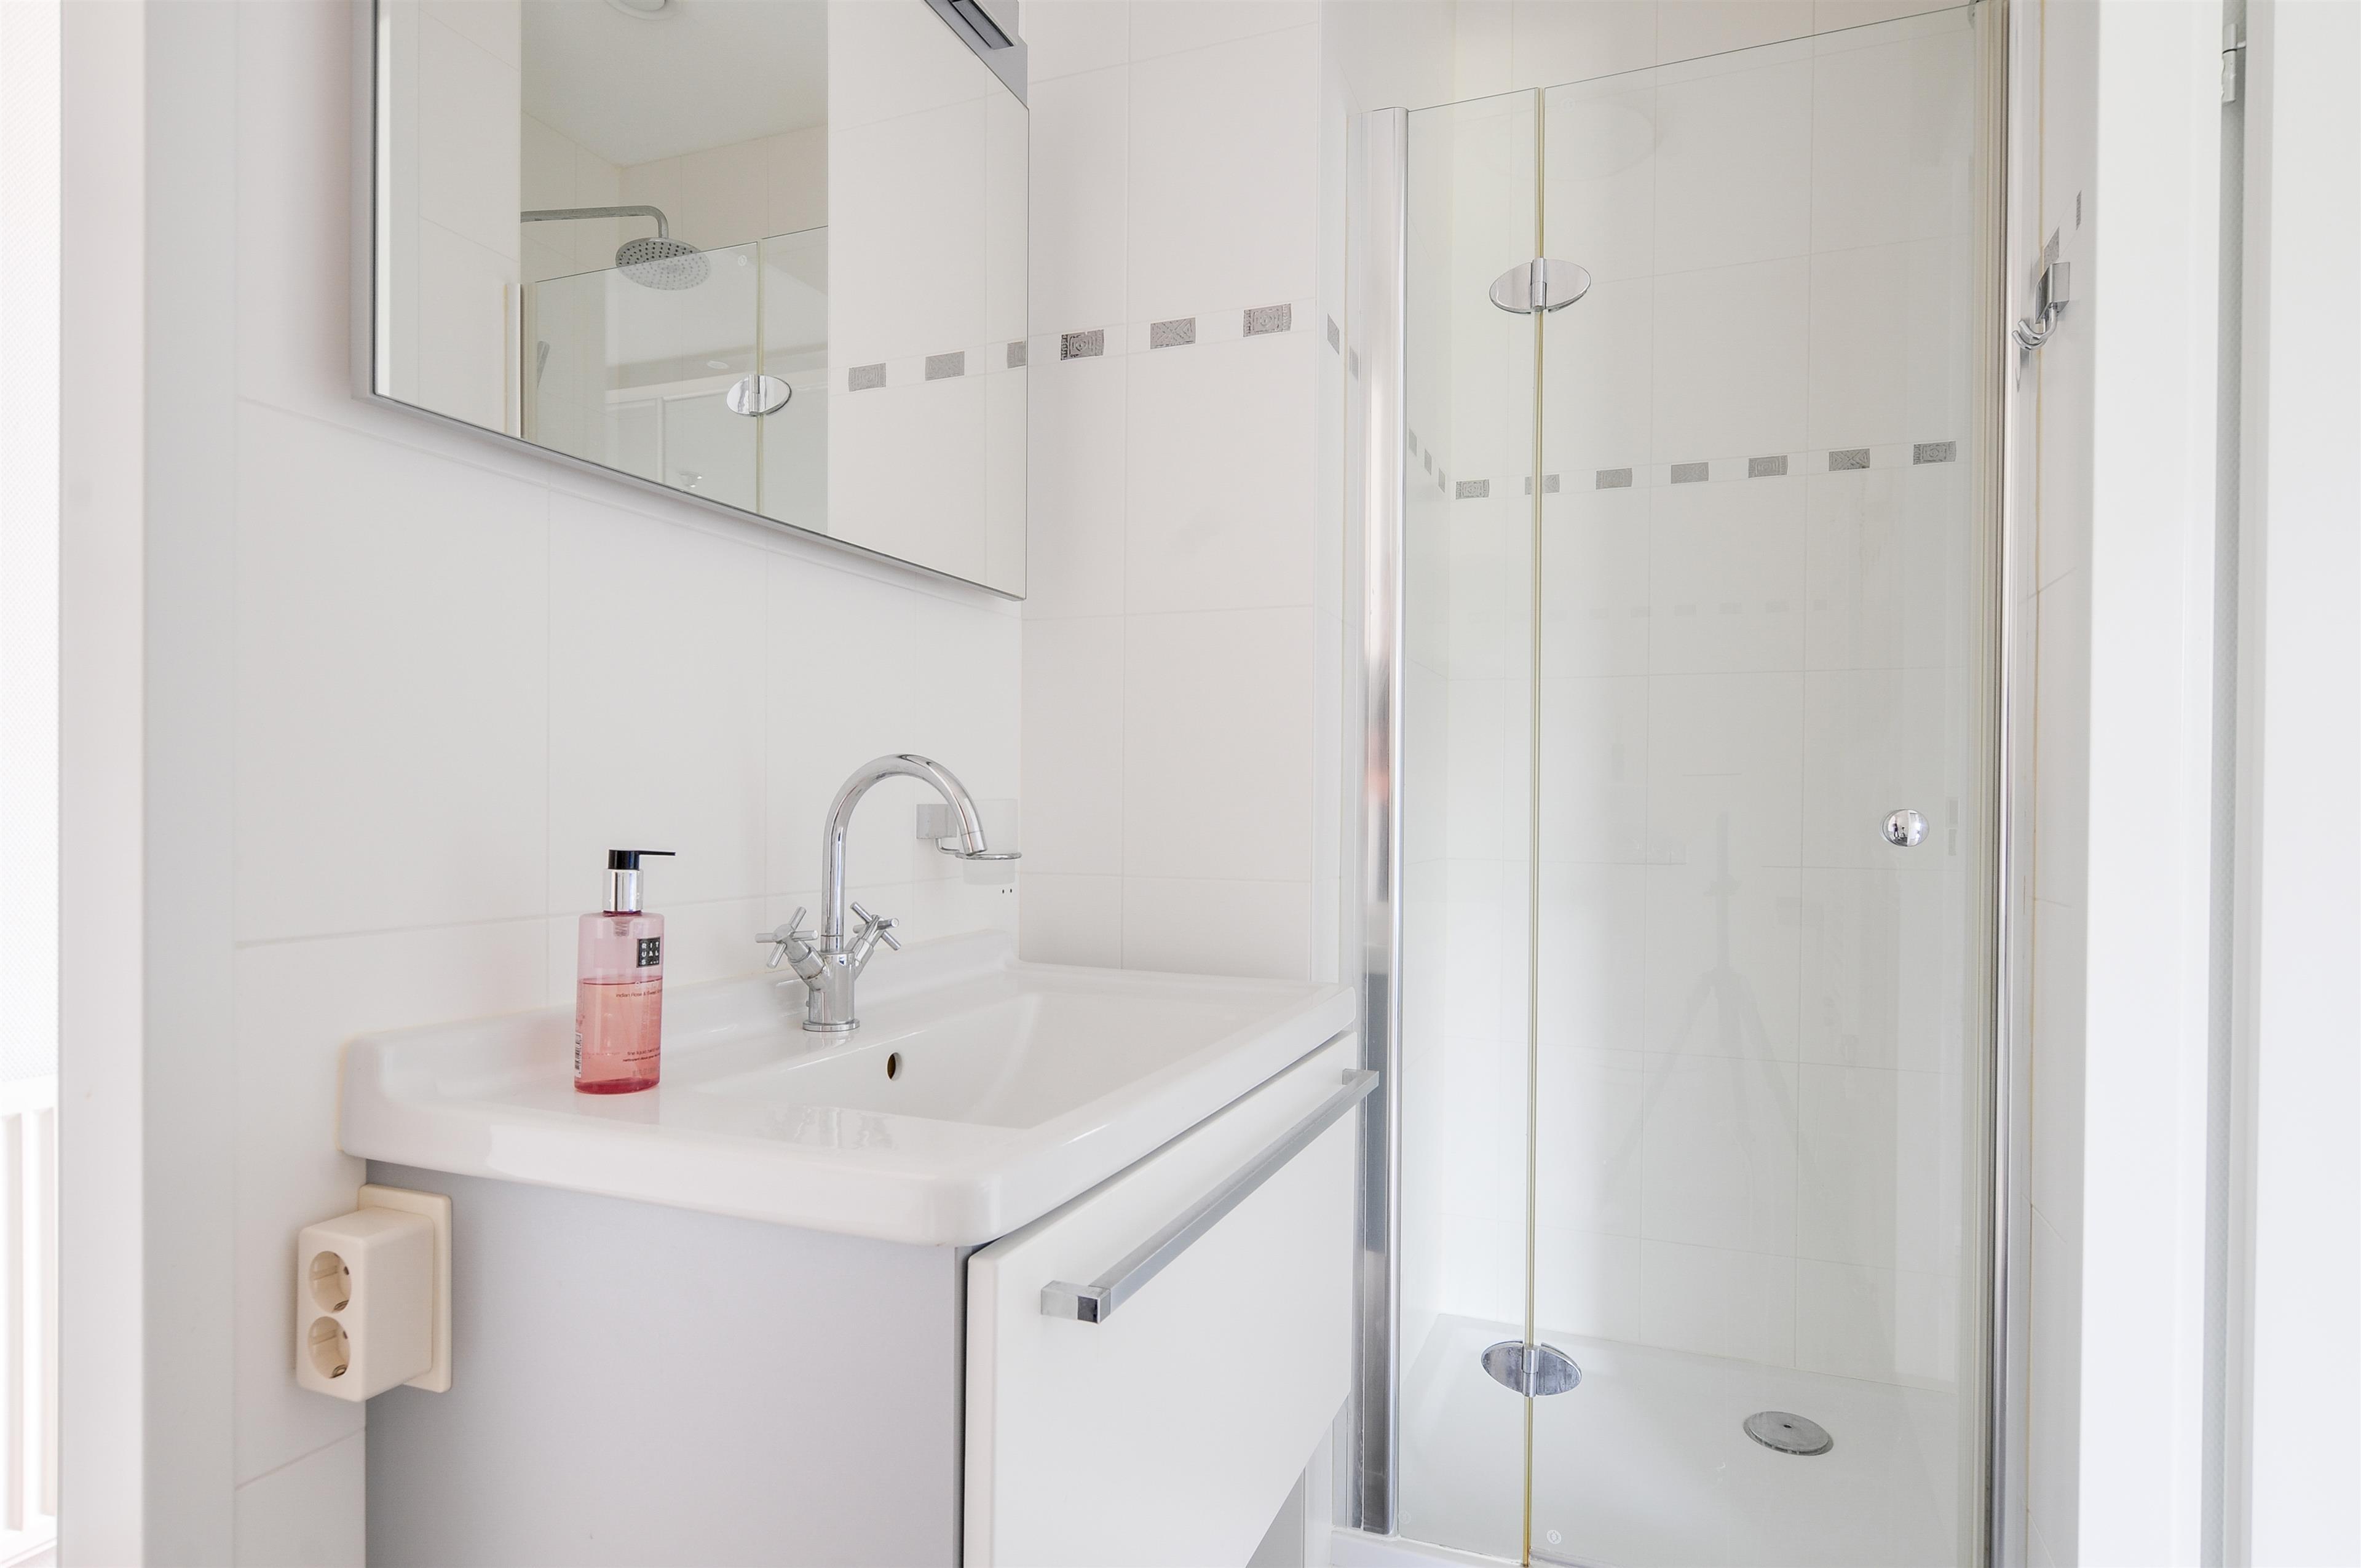 Badkamer Hoofddorp : De badkamer is toegankelijk vanuit de gang en ...